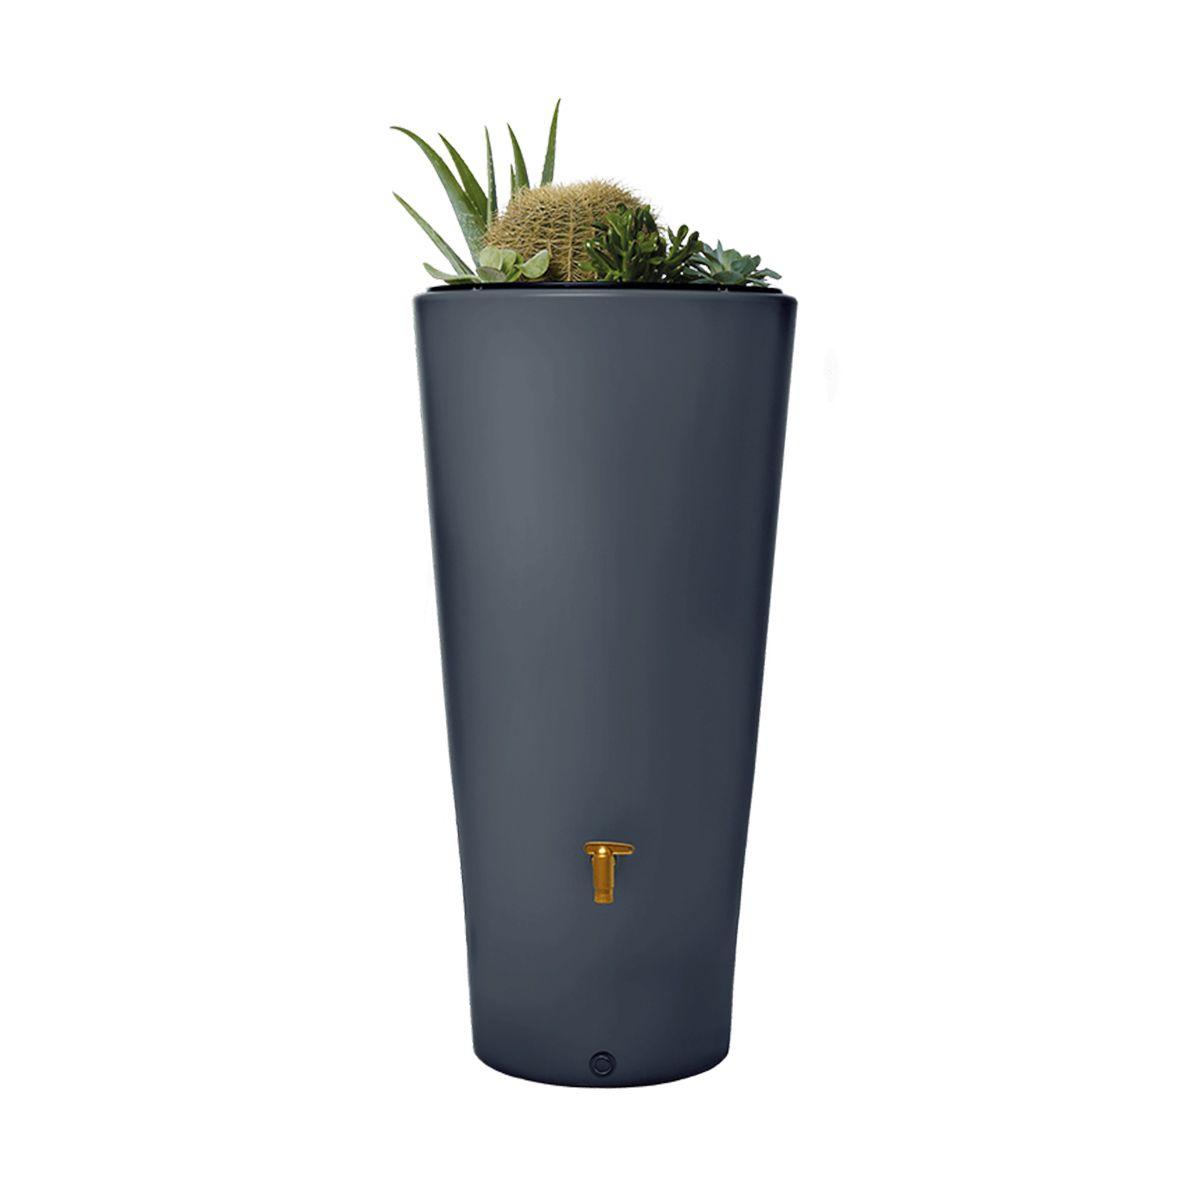 Regenspeicher Vaso